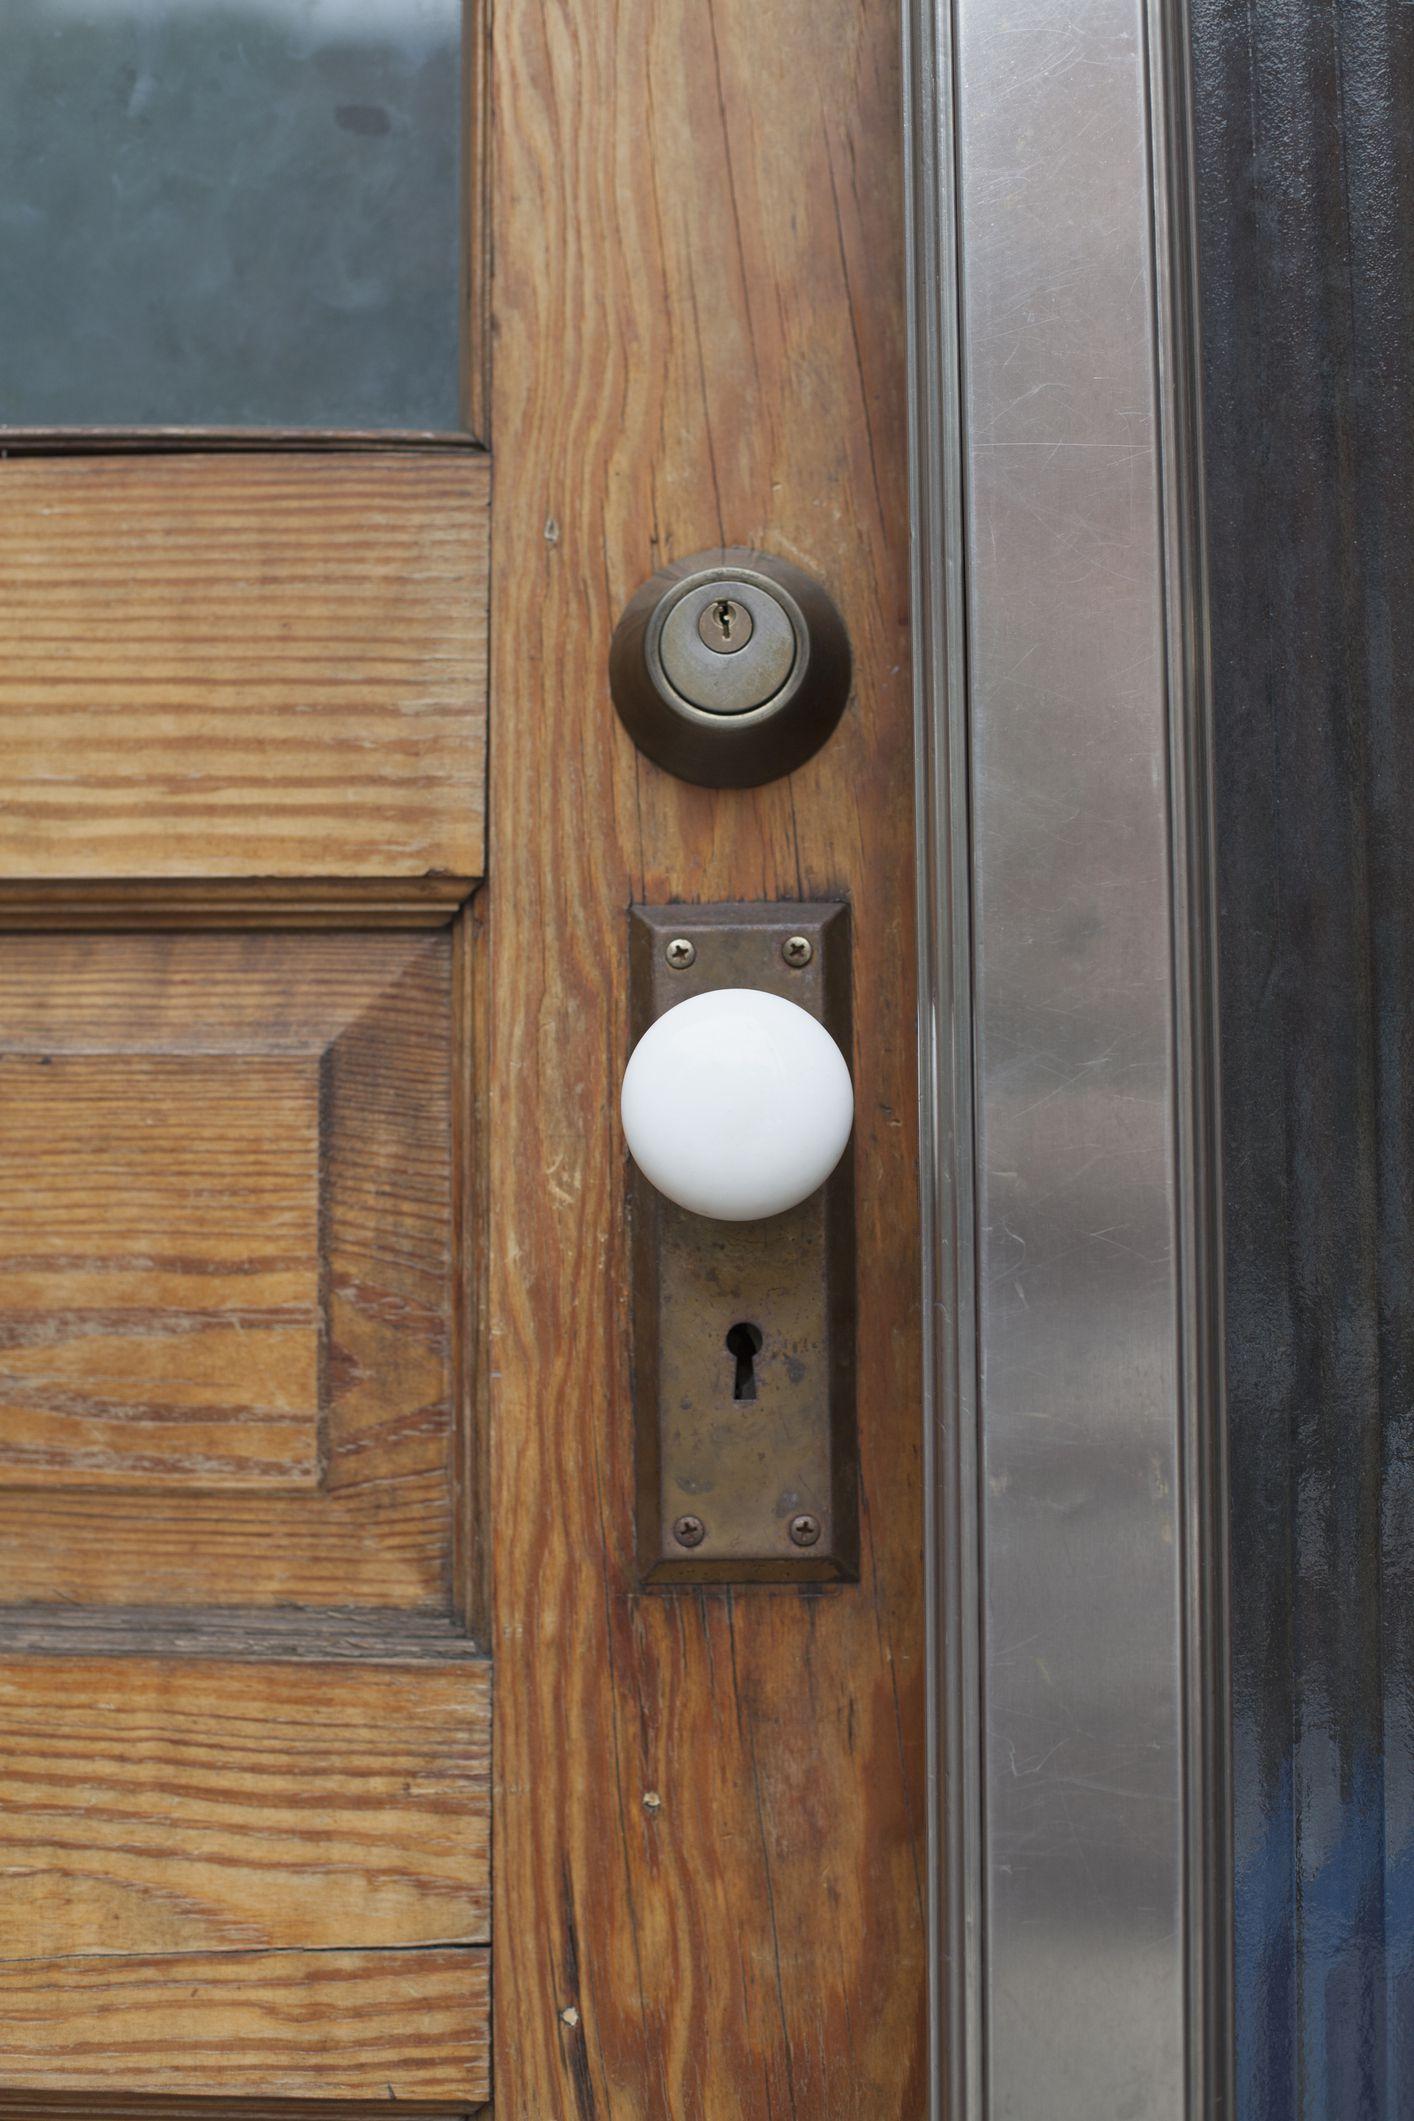 The 8 Best Door Knobs Of 2020 According To An Interior Design Expert